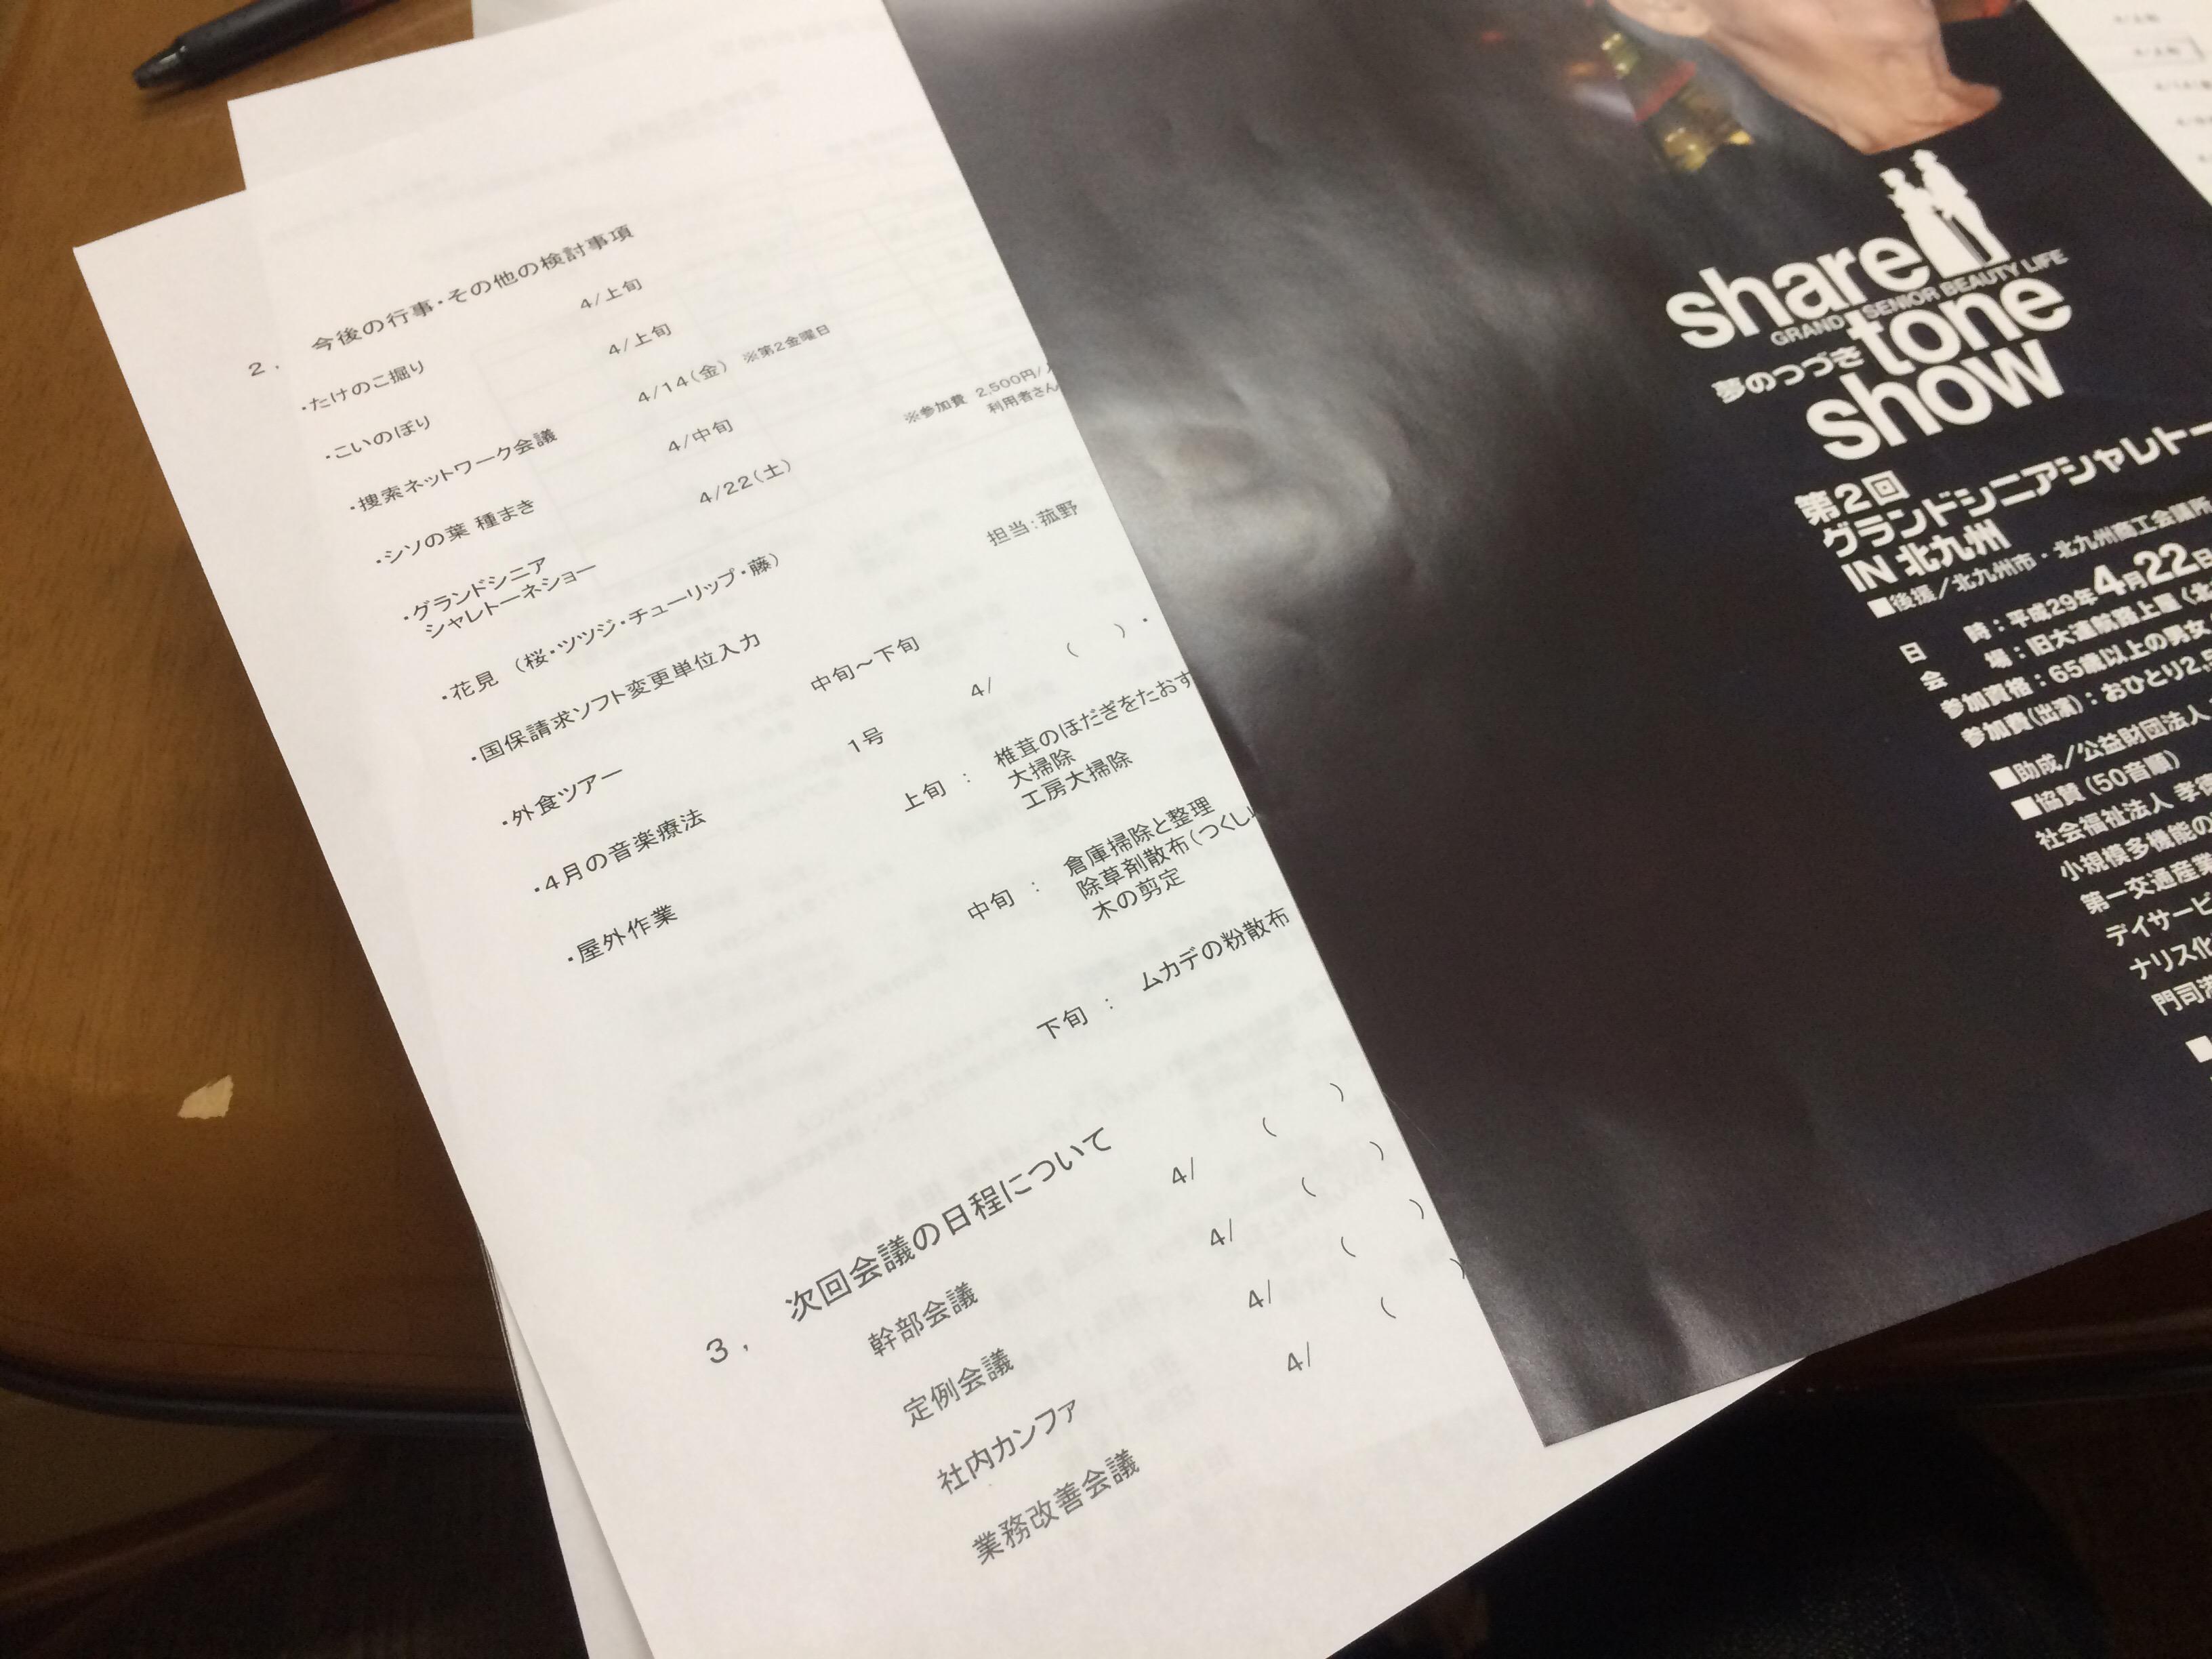 img 0345 - さくら館定例会議